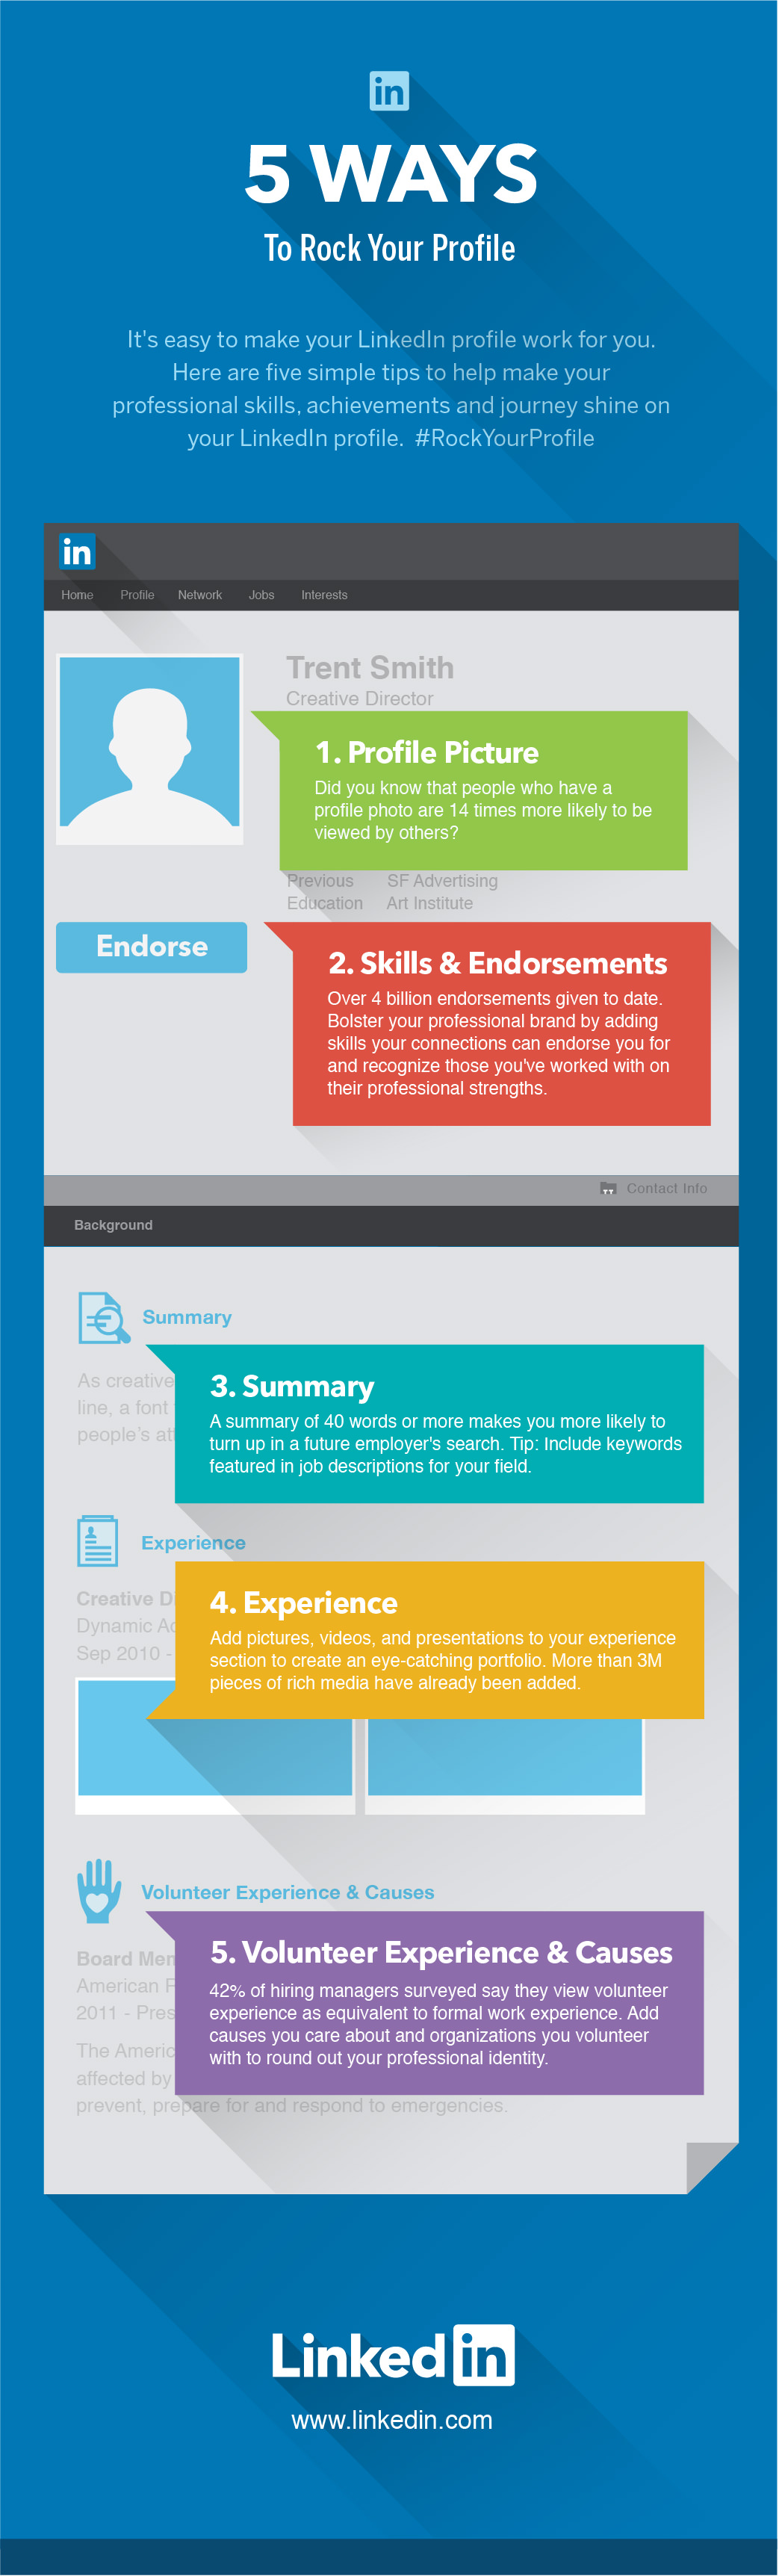 LinkedIn, resume vital in job hunt – Stetson Today